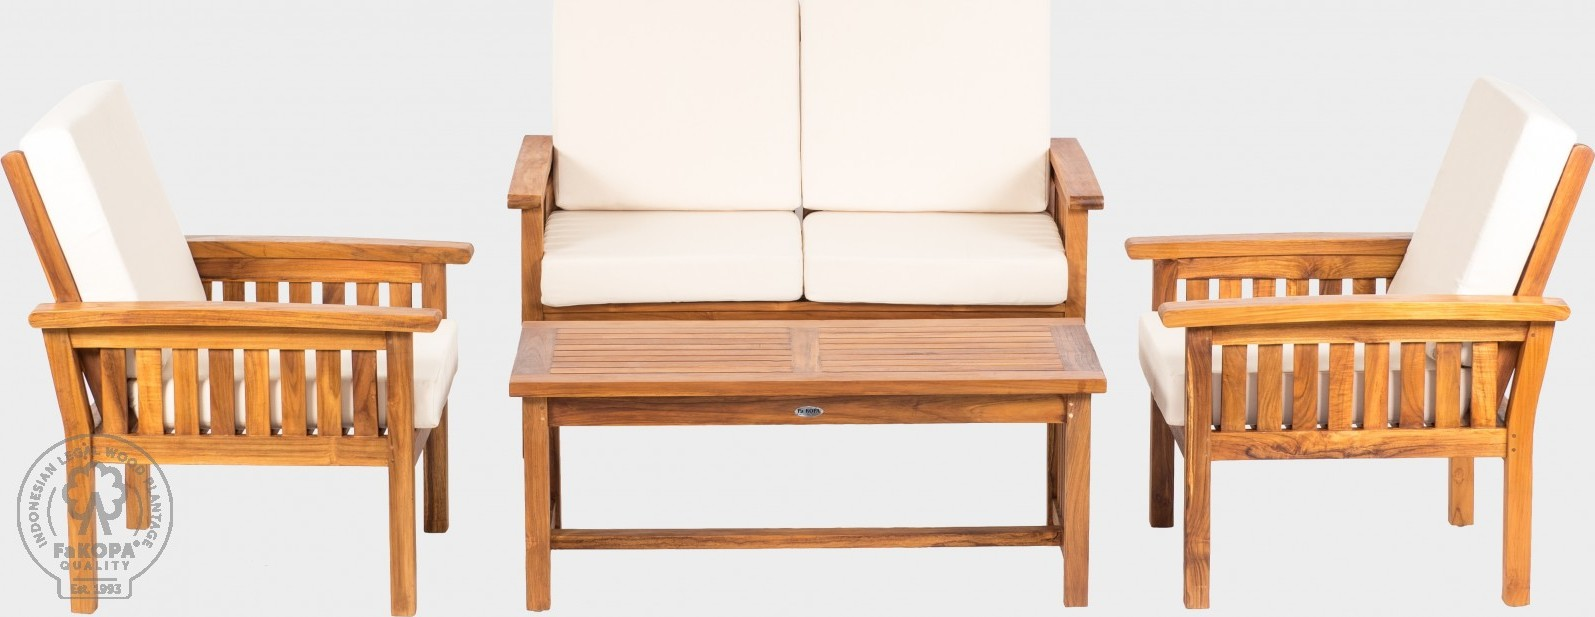 FaKOPA Konfereční stolek z teakového dřeva do interiéru i exteriéru Rita